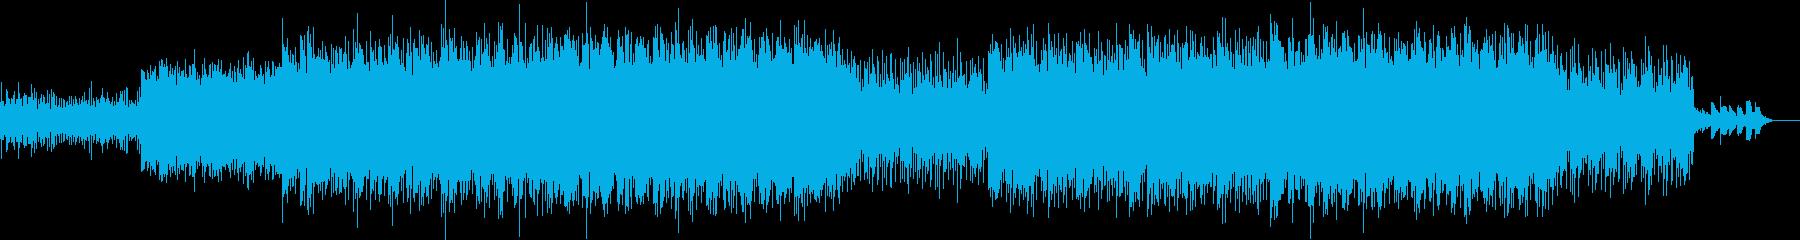 ニュース映像ナレーションバック向け-03の再生済みの波形